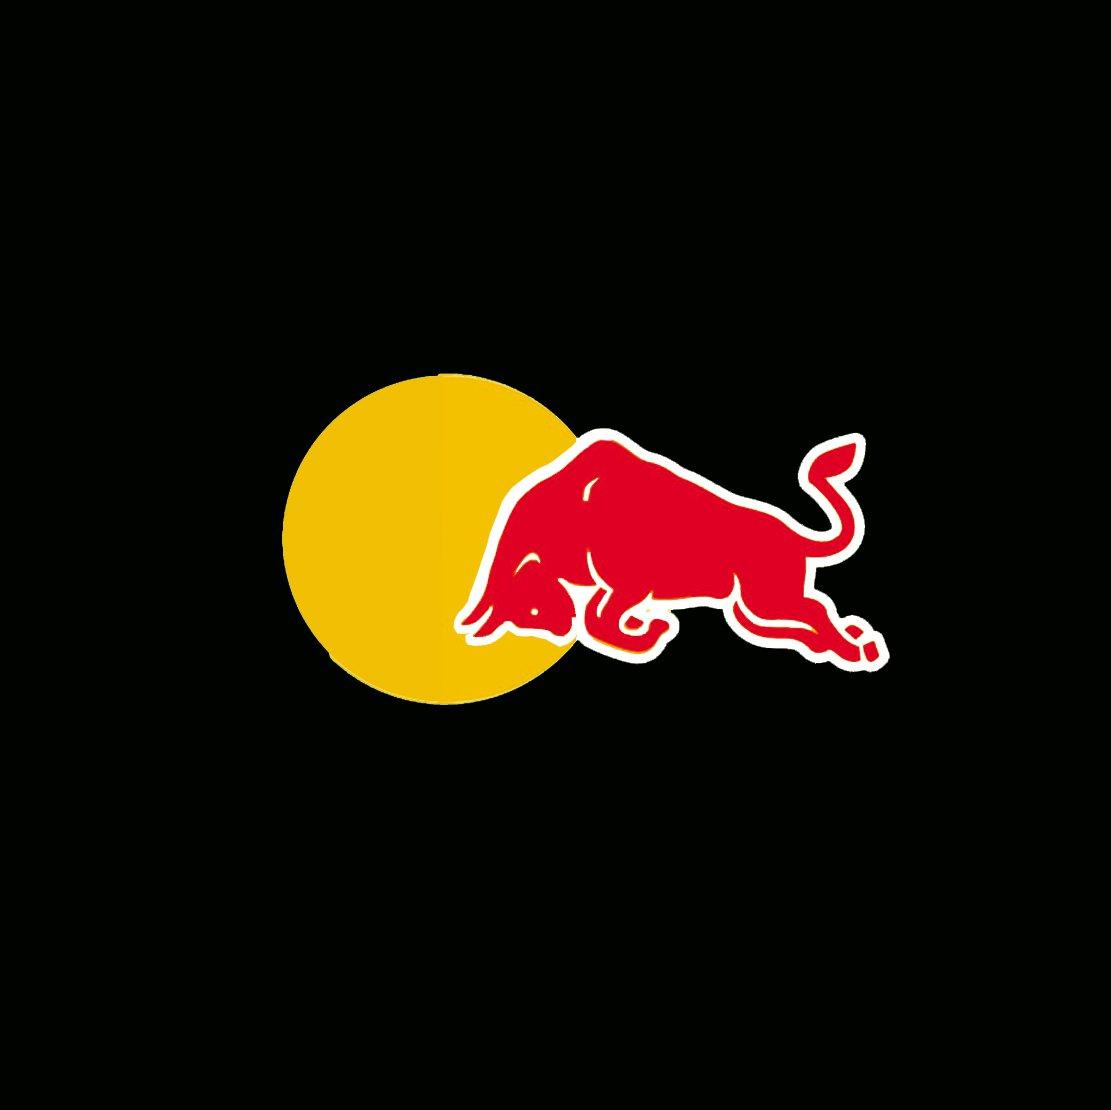 Half sun red bull logo